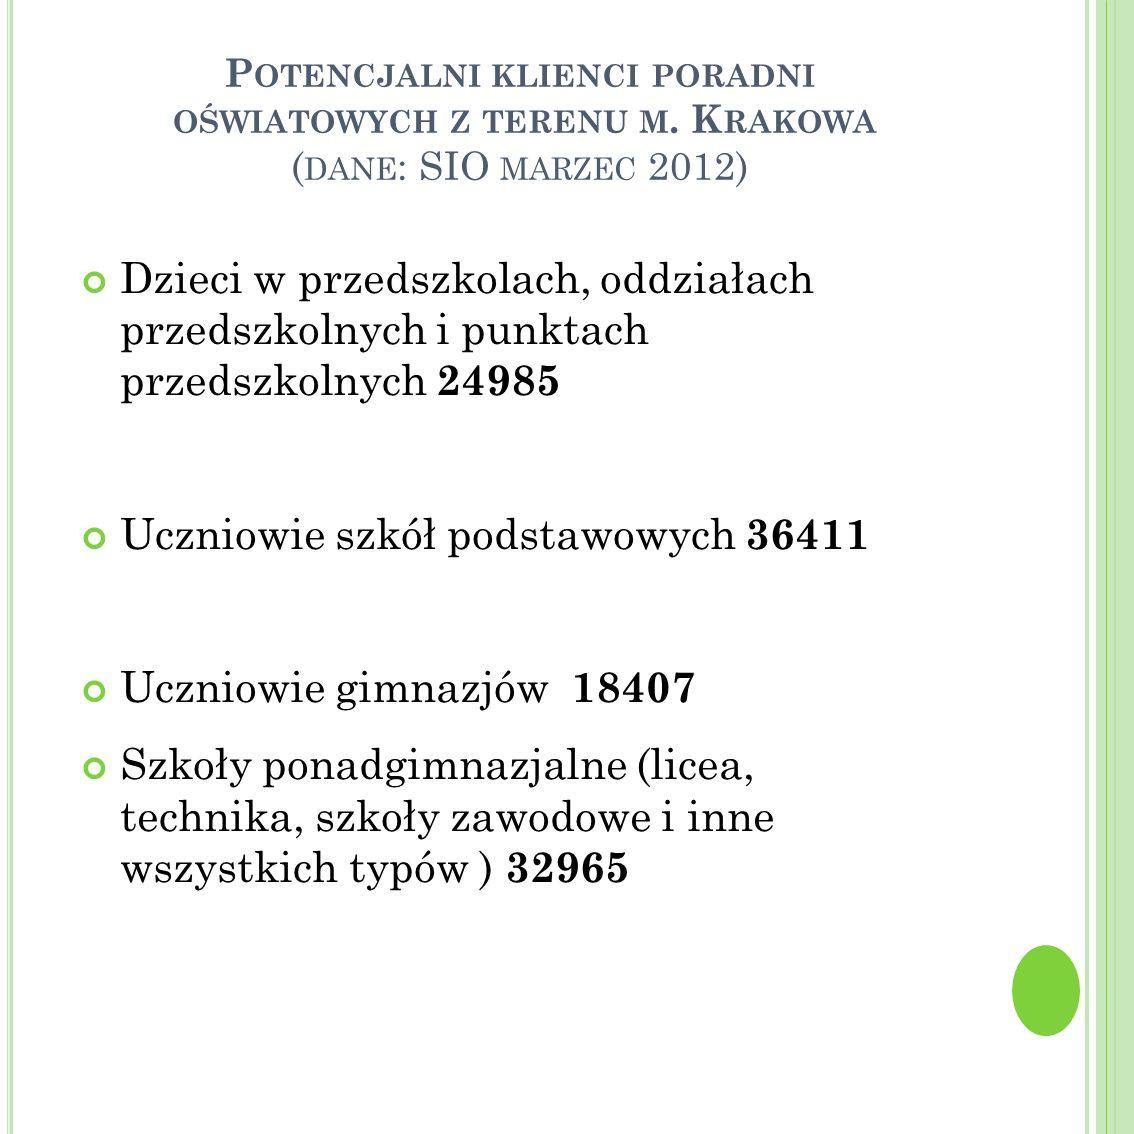 Uczniowie szkół podstawowych 36411